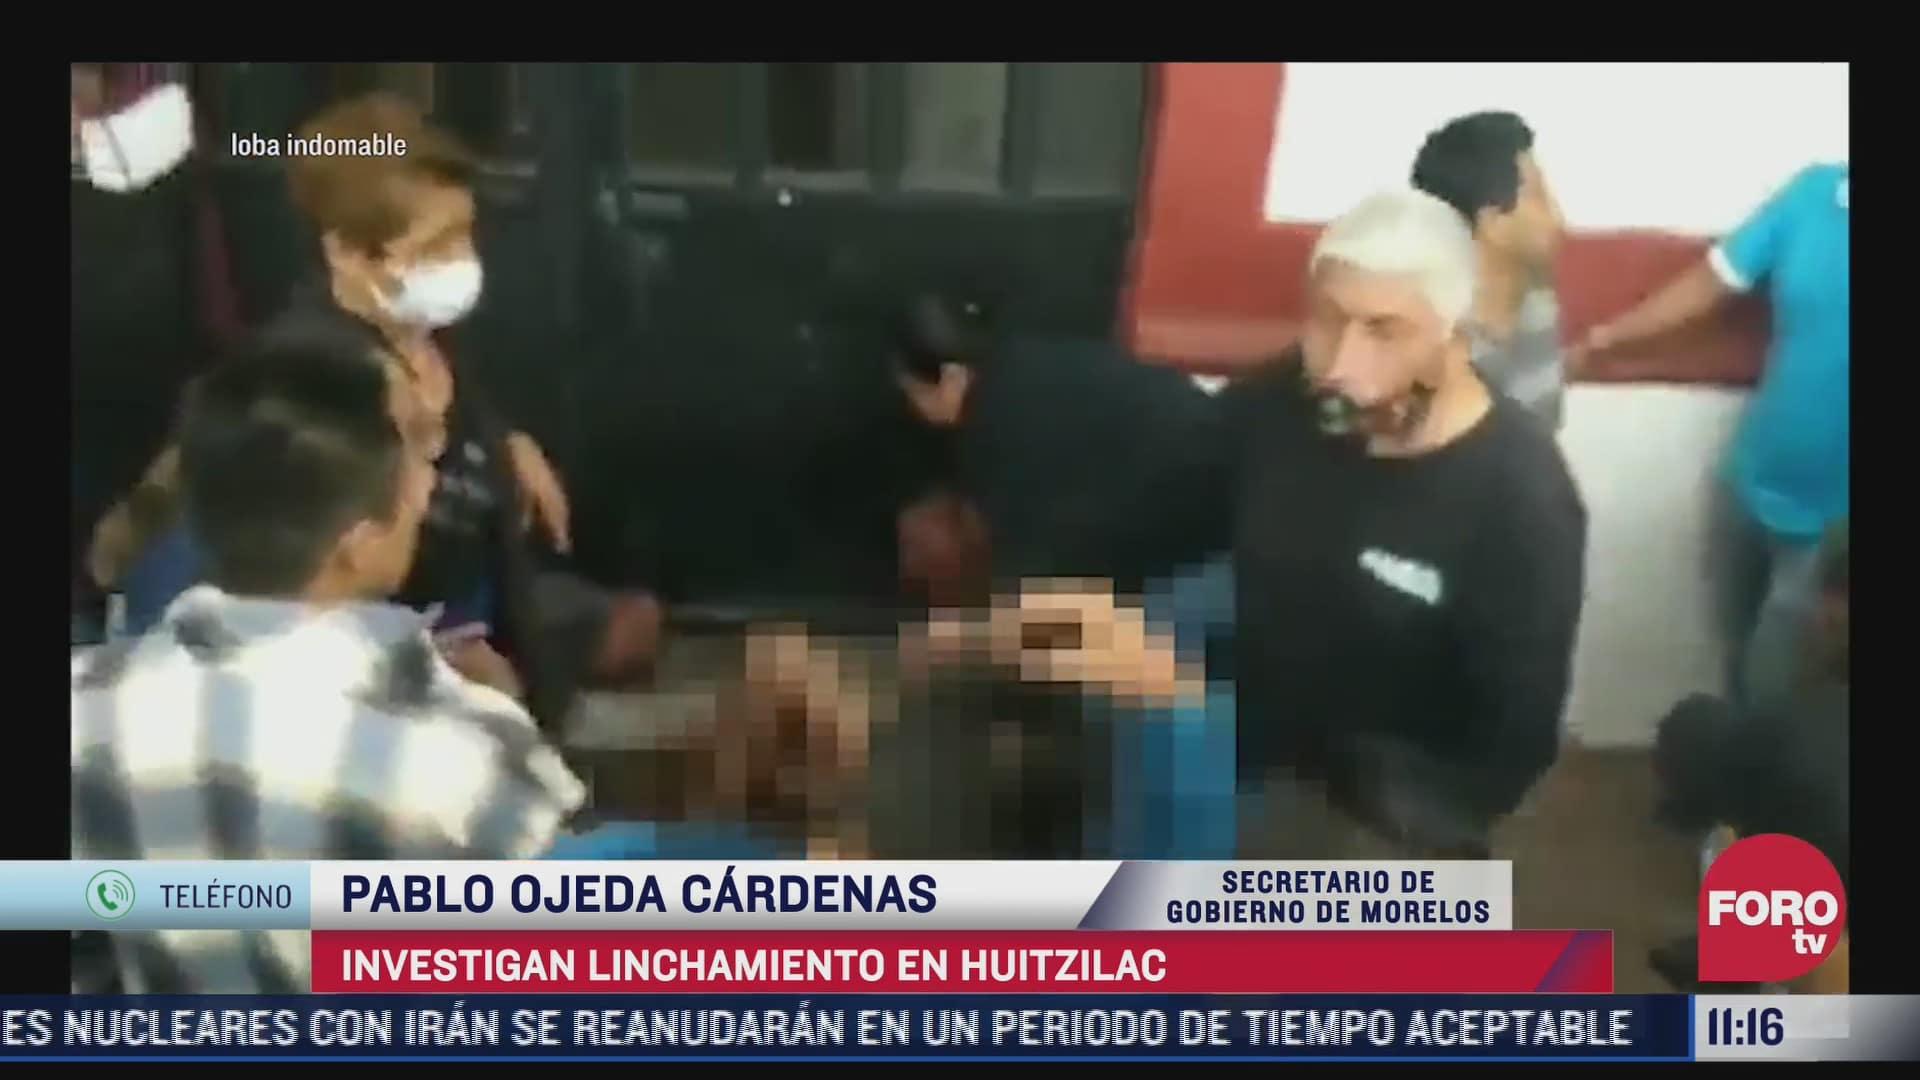 policias se vieron sobrepasados por turba durante linchamiento en huitzilac morelos secretario de gobierno